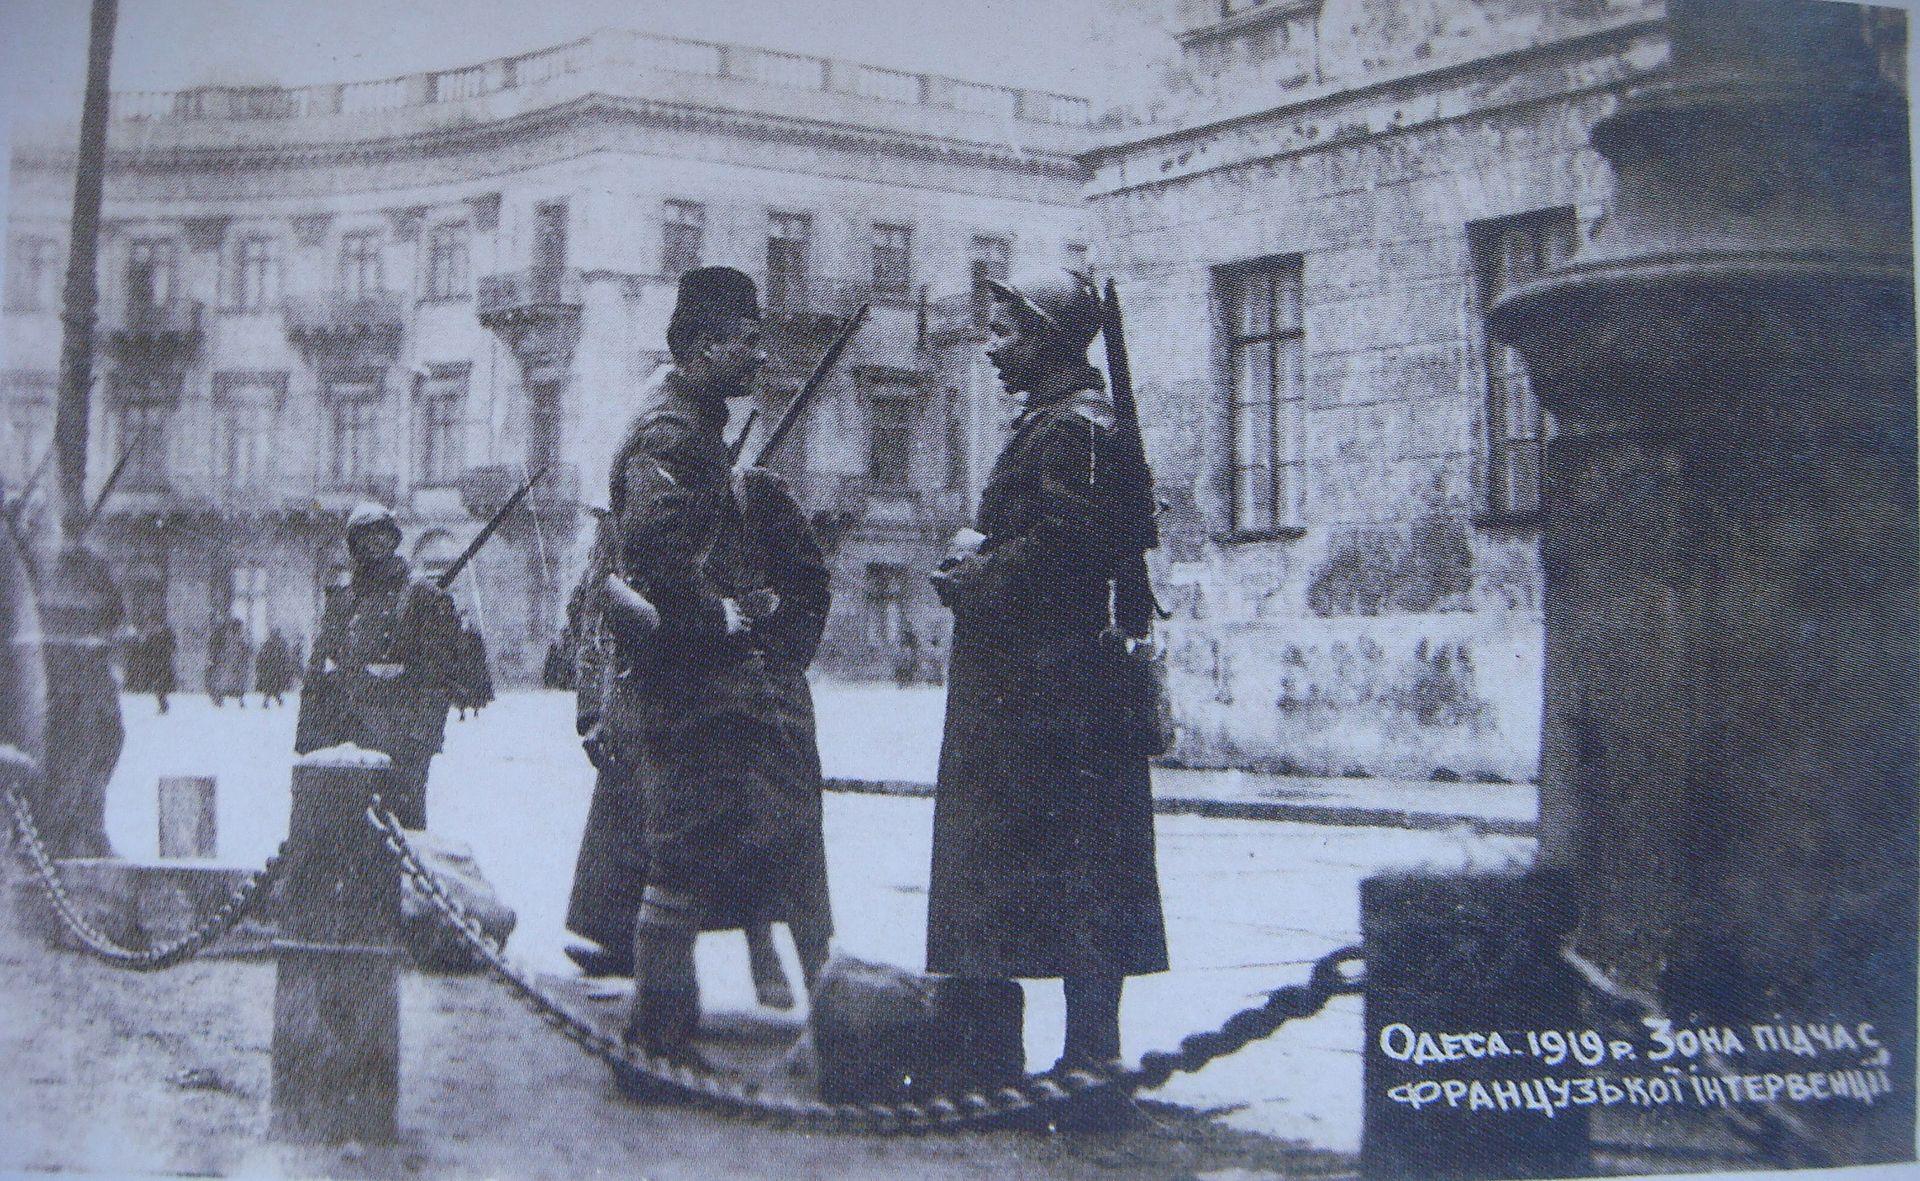 Η συμμετοχή της Ελλάδας στην εκστρατεία της Ουκρανίας κόντρα στους Μπολσεβίκους. Οι σύμμαχοι υπόσχονταν υποστήριξη σε Αν. Θράκη και Μικρά Ασία. Γιατί θεωρήθηκε ολέθρια